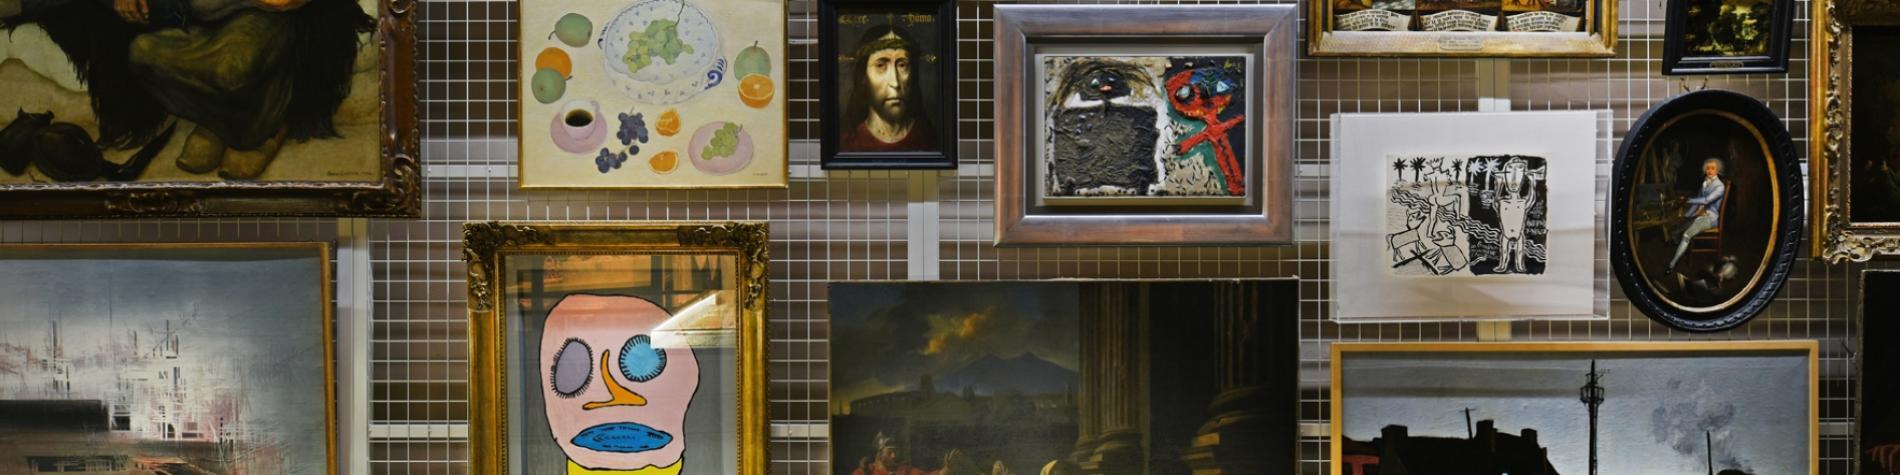 Artothèque - visite - réserves - Wallonie insolite